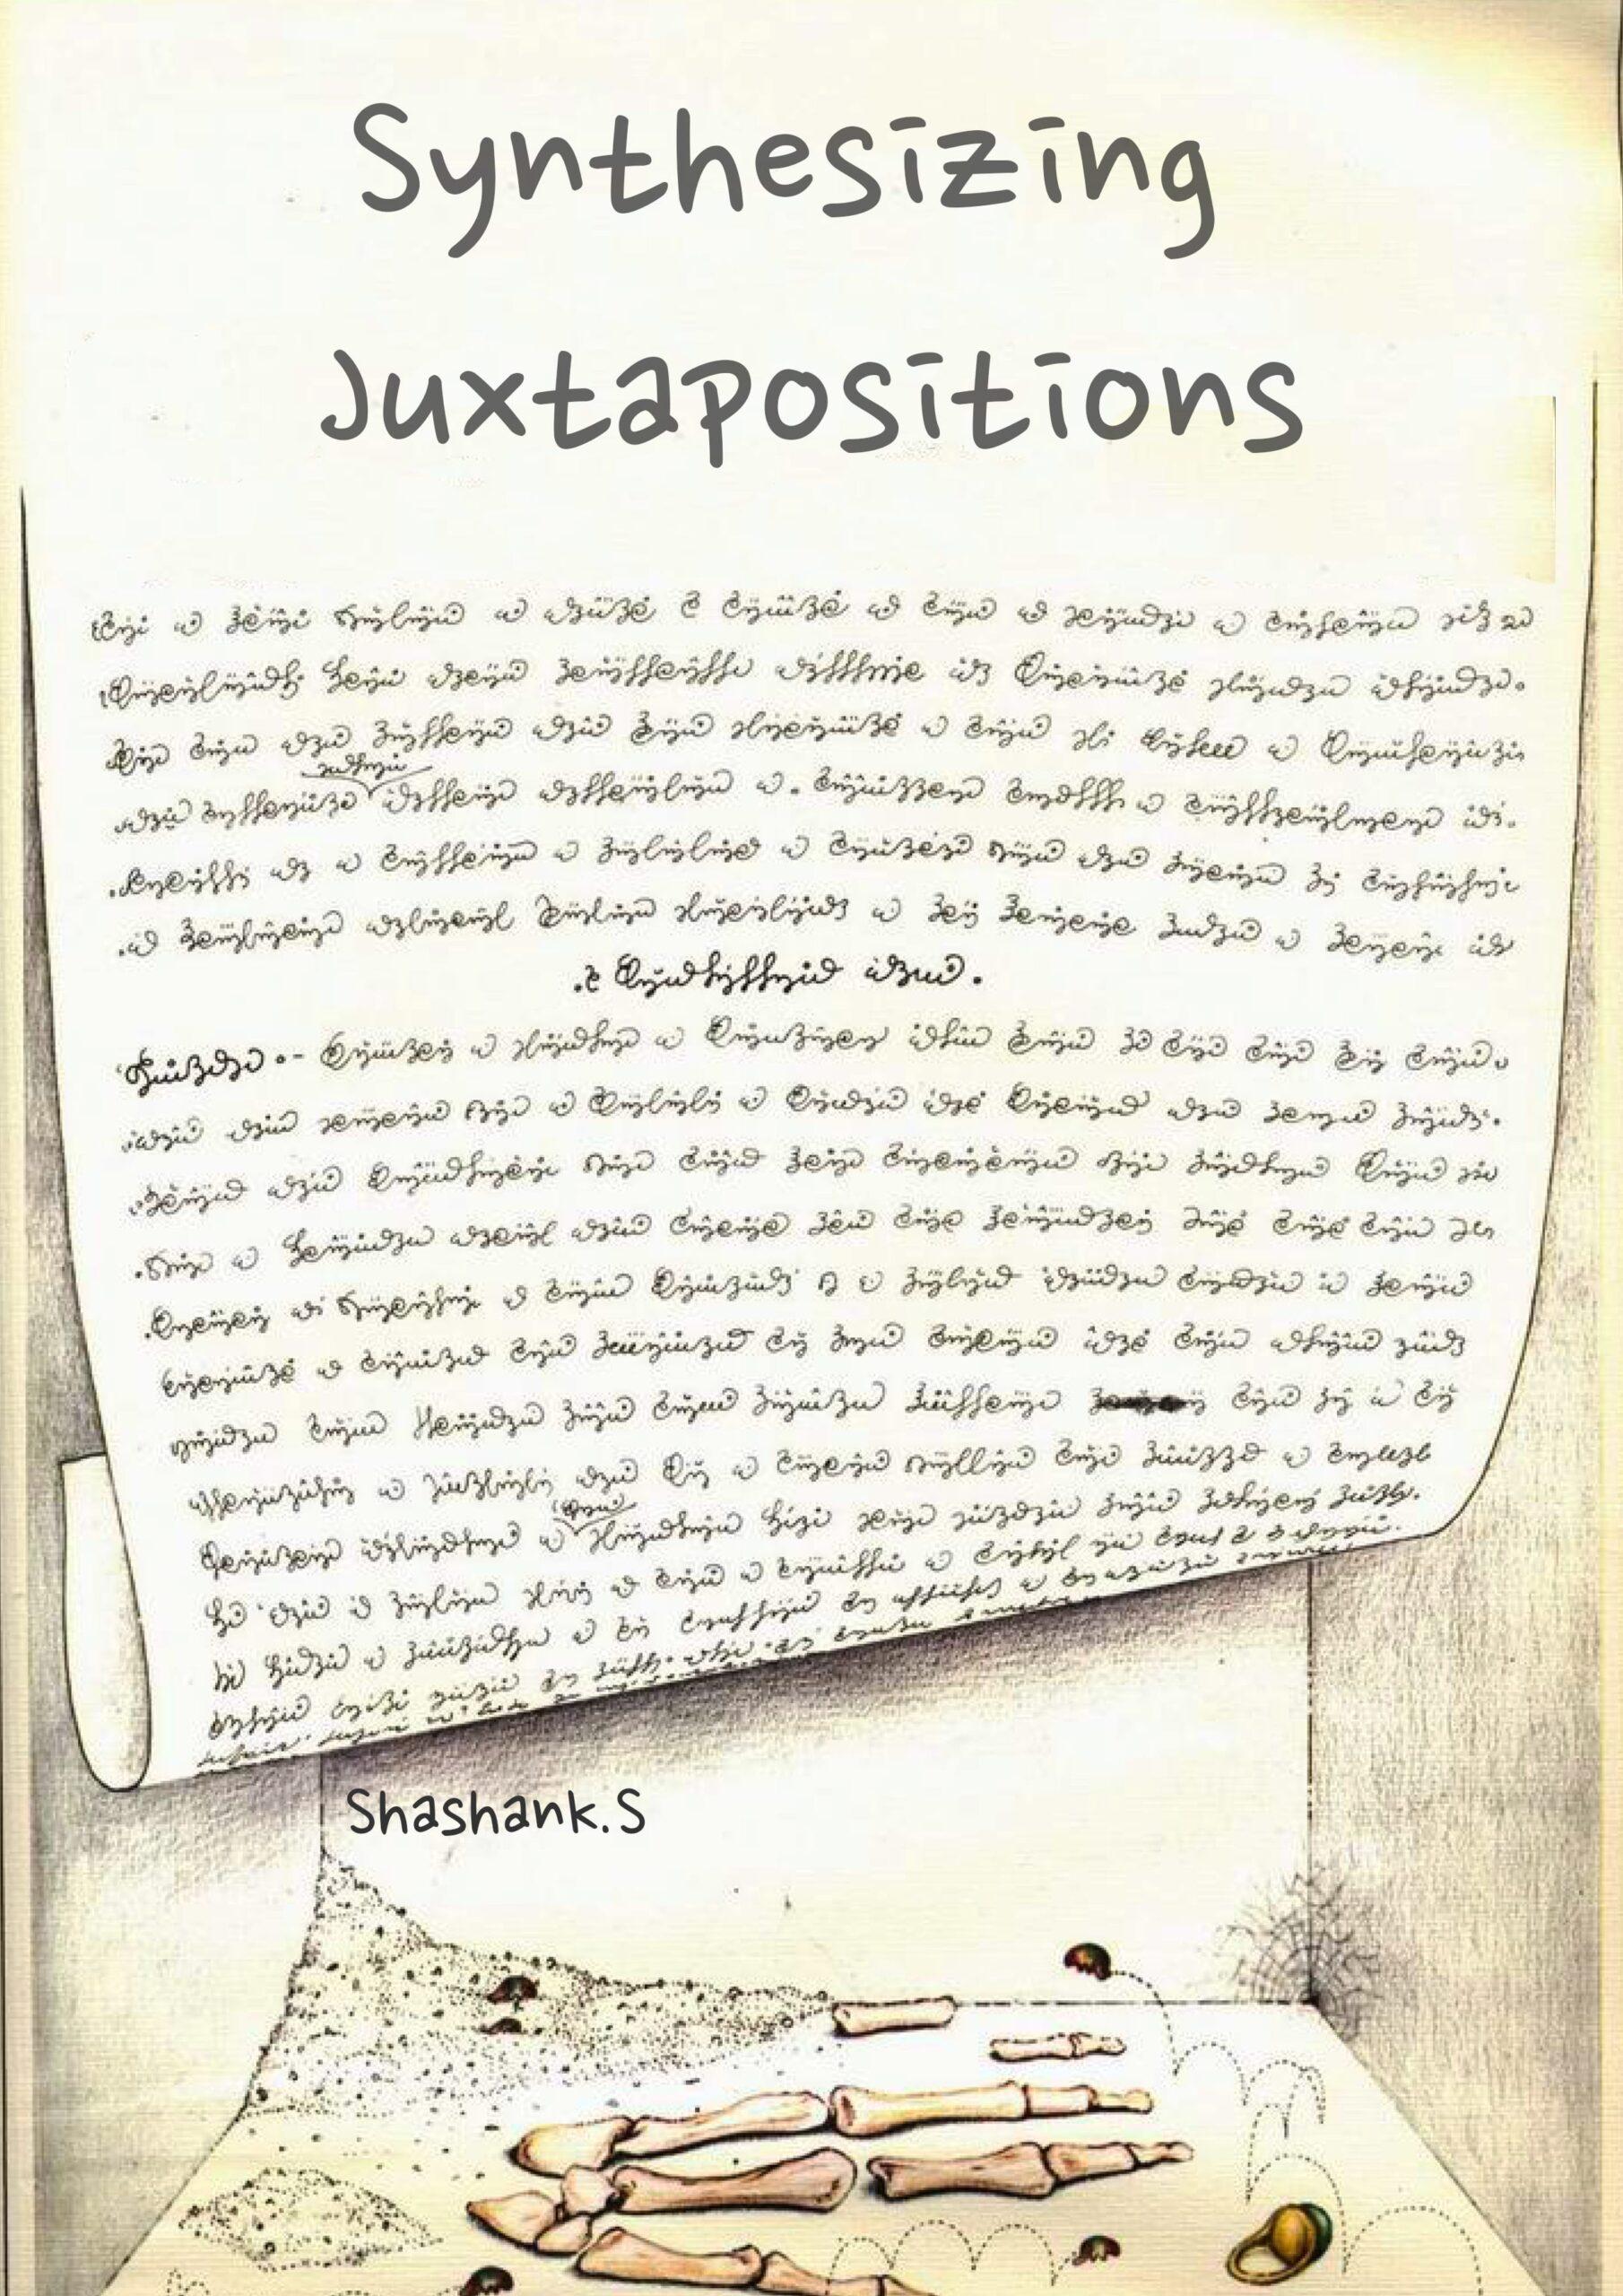 Synthesizing-Juxtapositions_Shashank_1-min